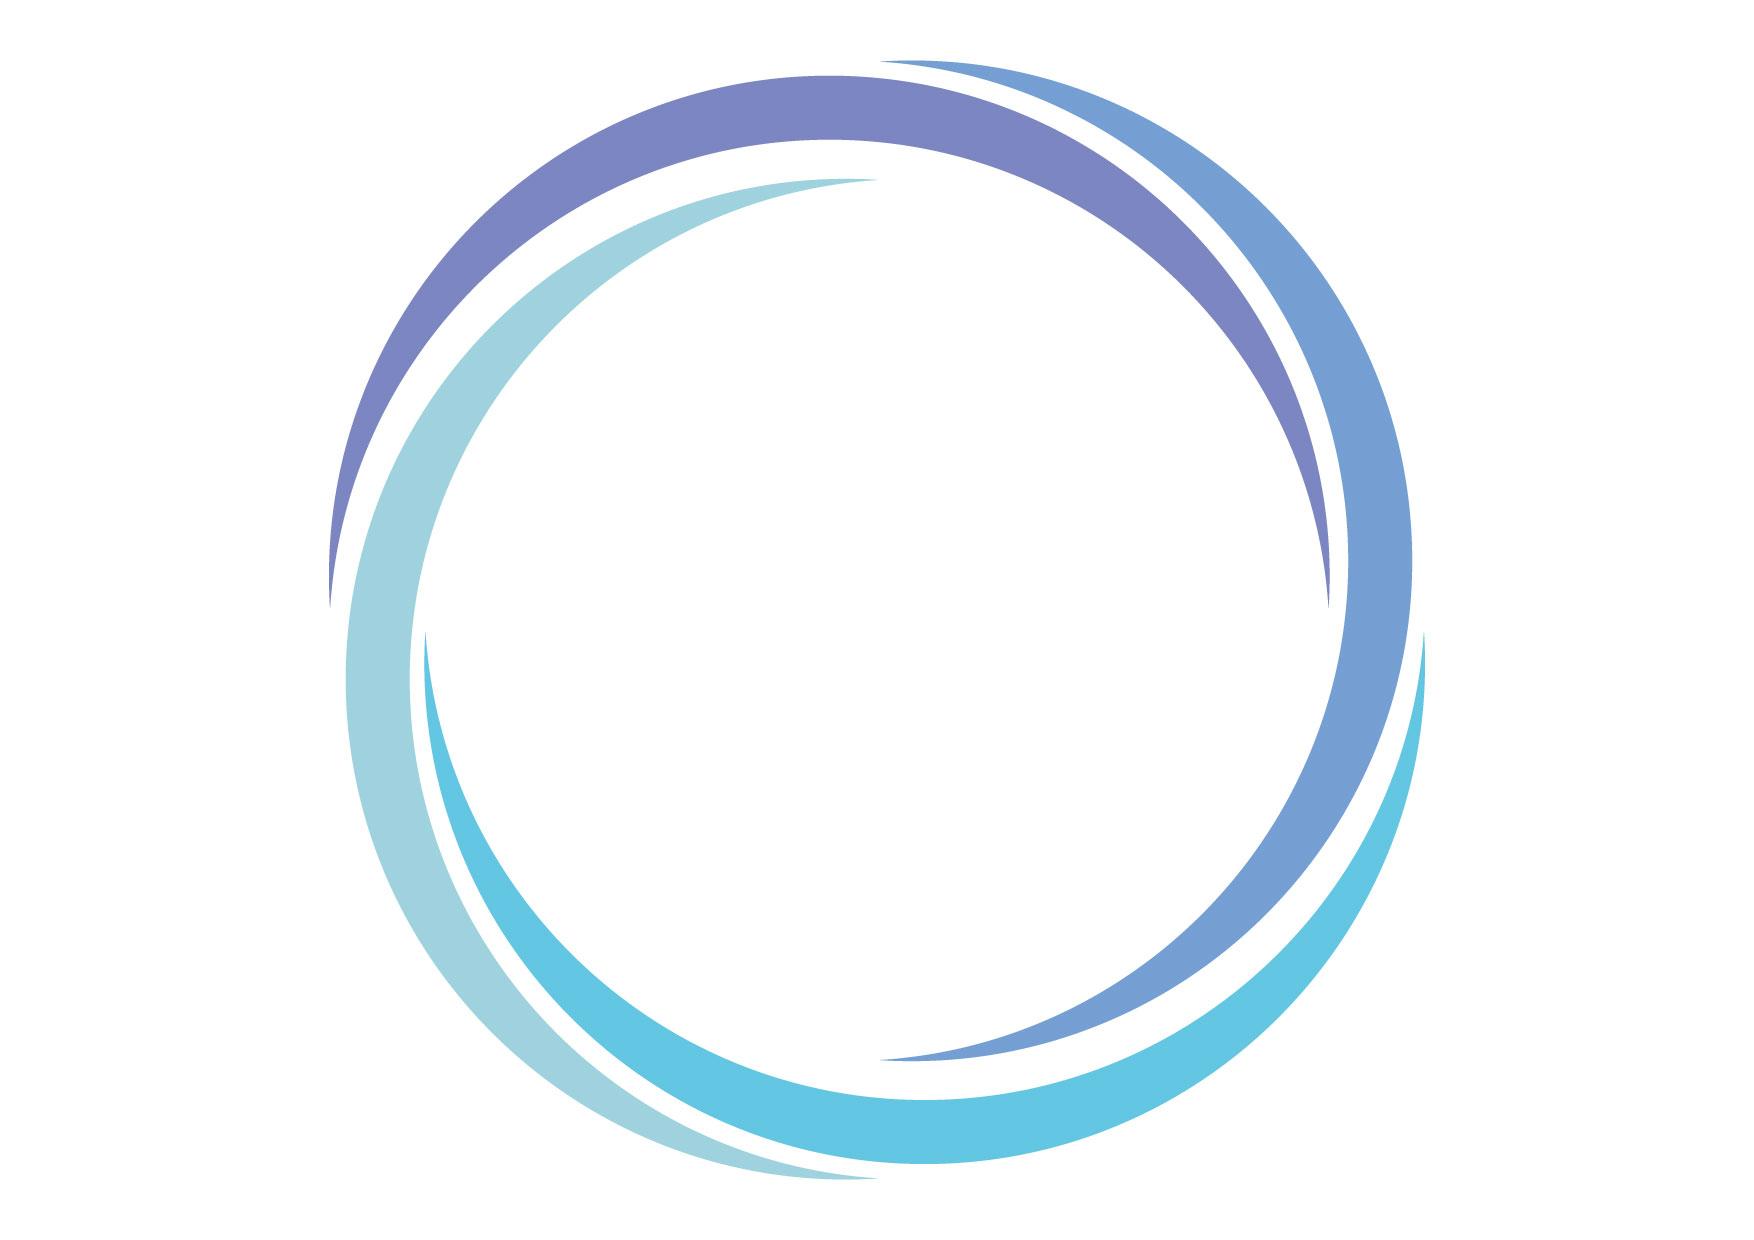 可愛いイラスト無料|フレーム スパイラル ブルー 背景 − free illustration Frame spiral blue background